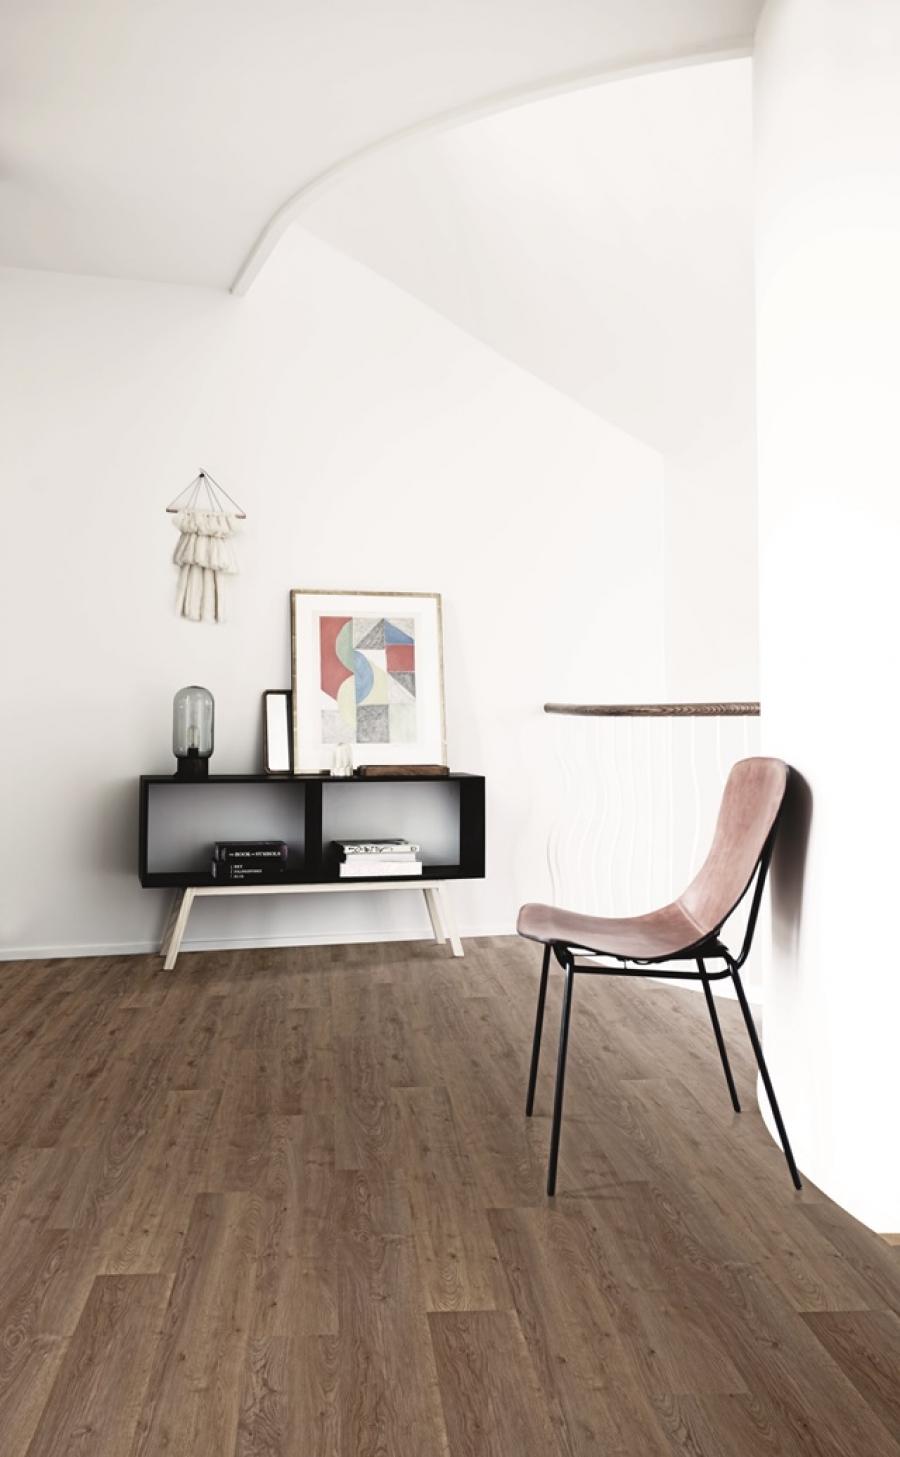 Umíte si svépomocně položit vinylovou podlahu? S ClickElit žádný problém!